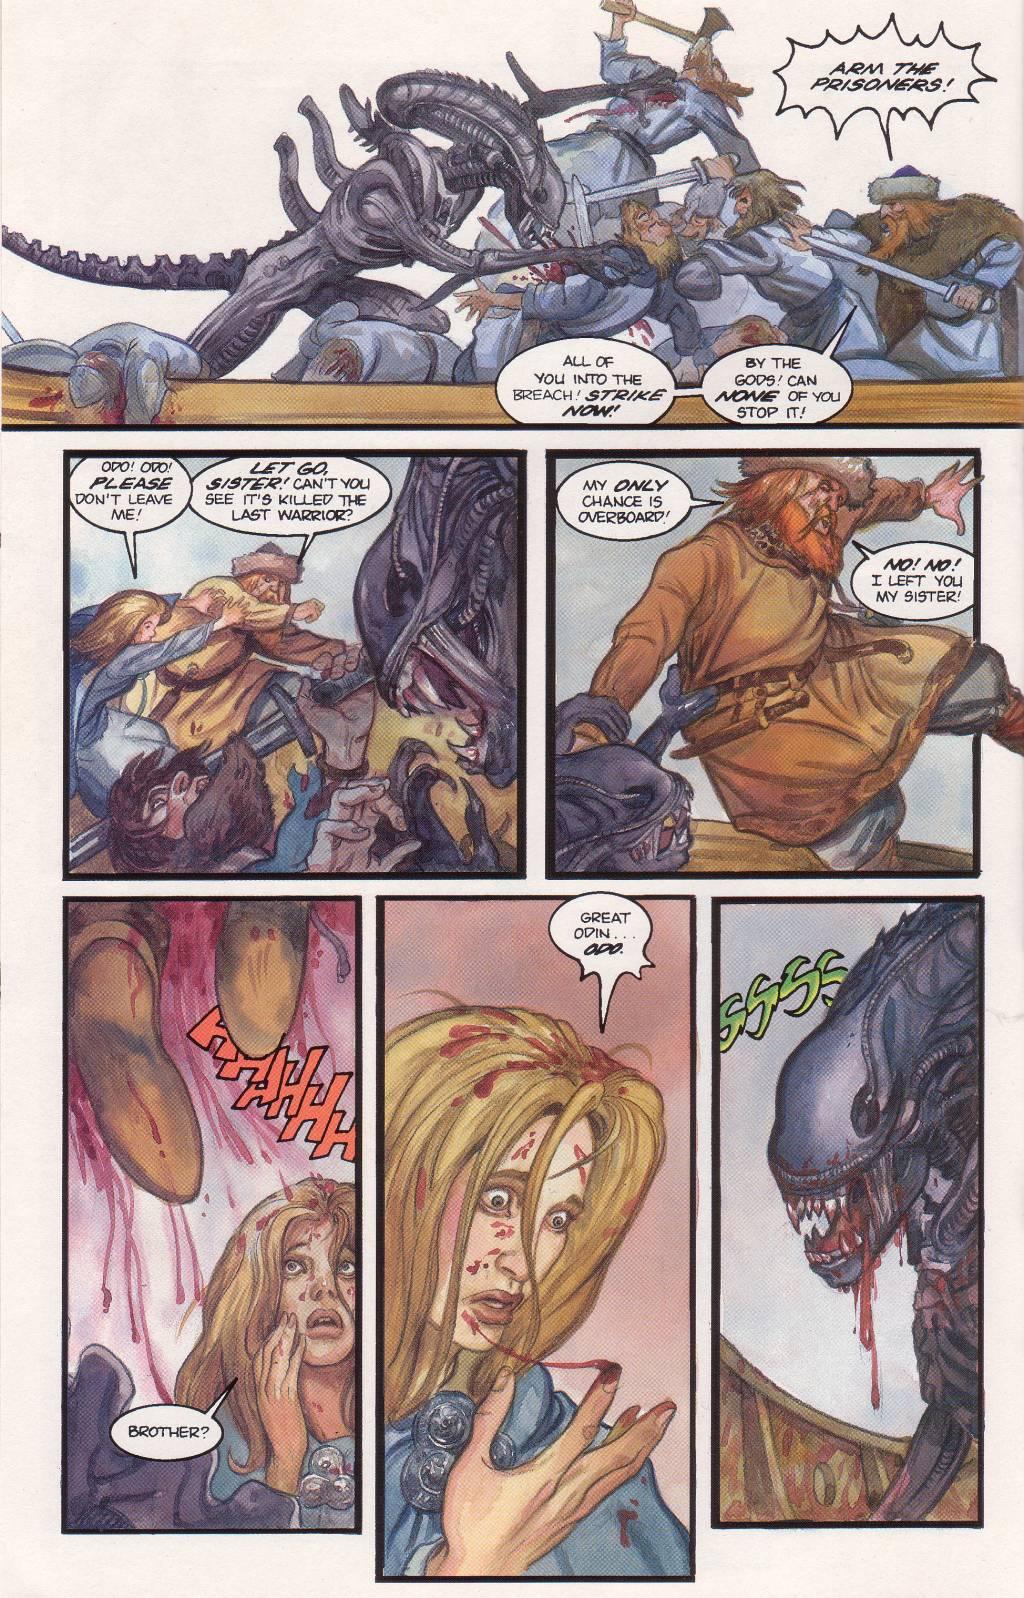 Бэтмен против Чужого?! Безумные комикс-кроссоверы сксеноморфами. - Изображение 22